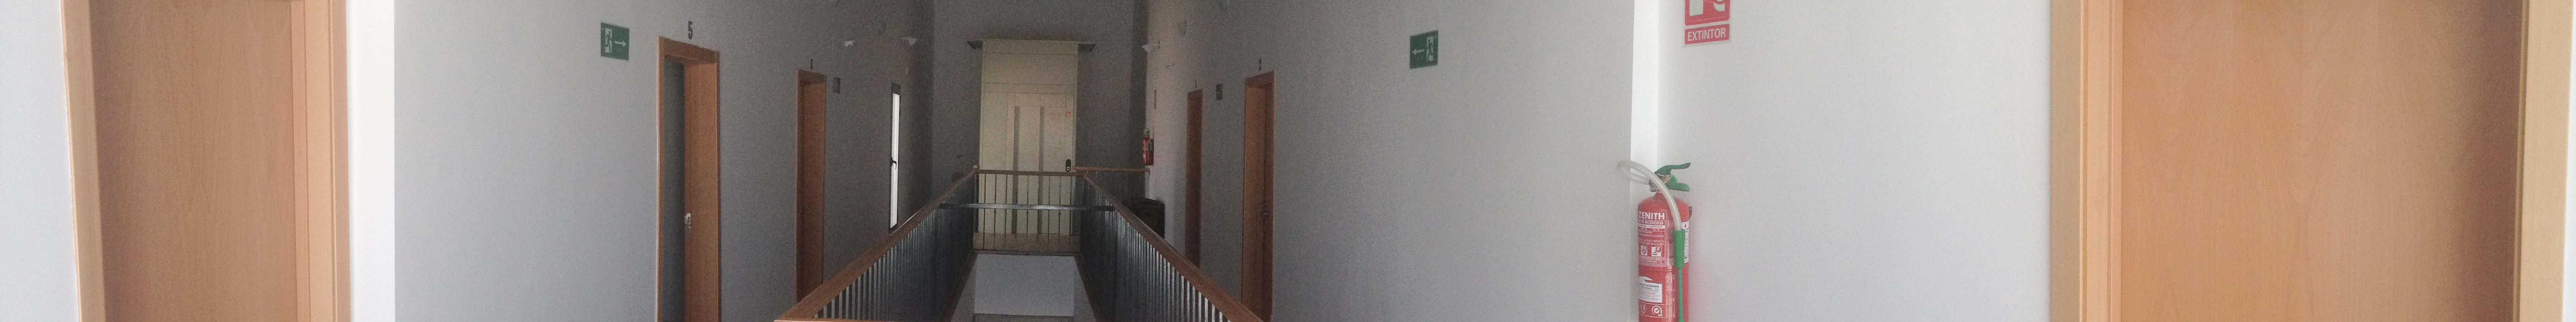 banner instalaciones